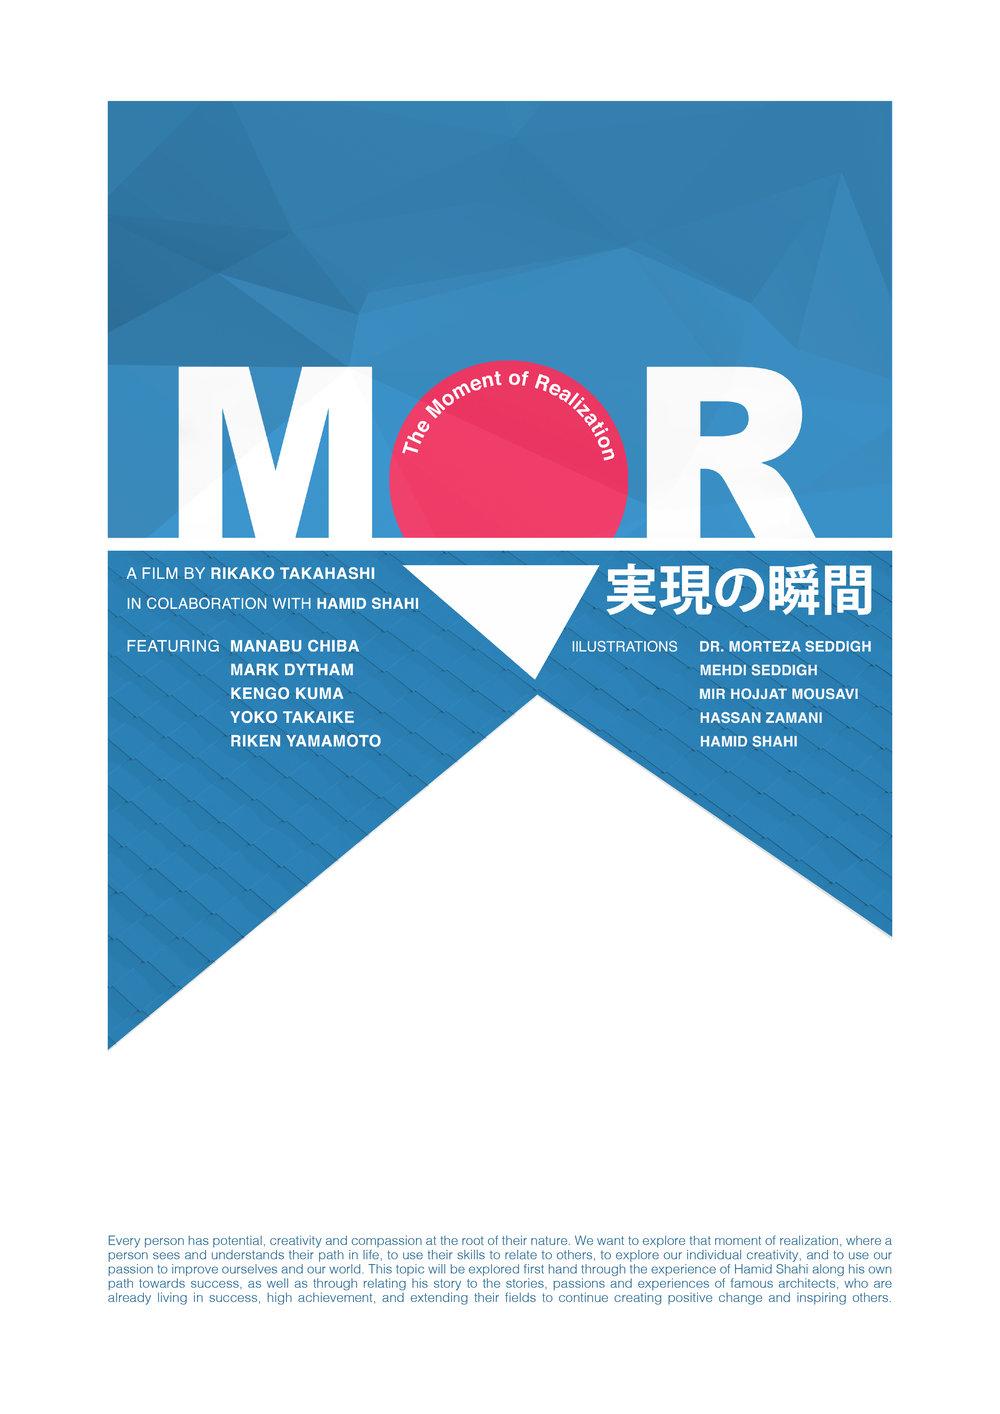 MOR_Poster.jpg